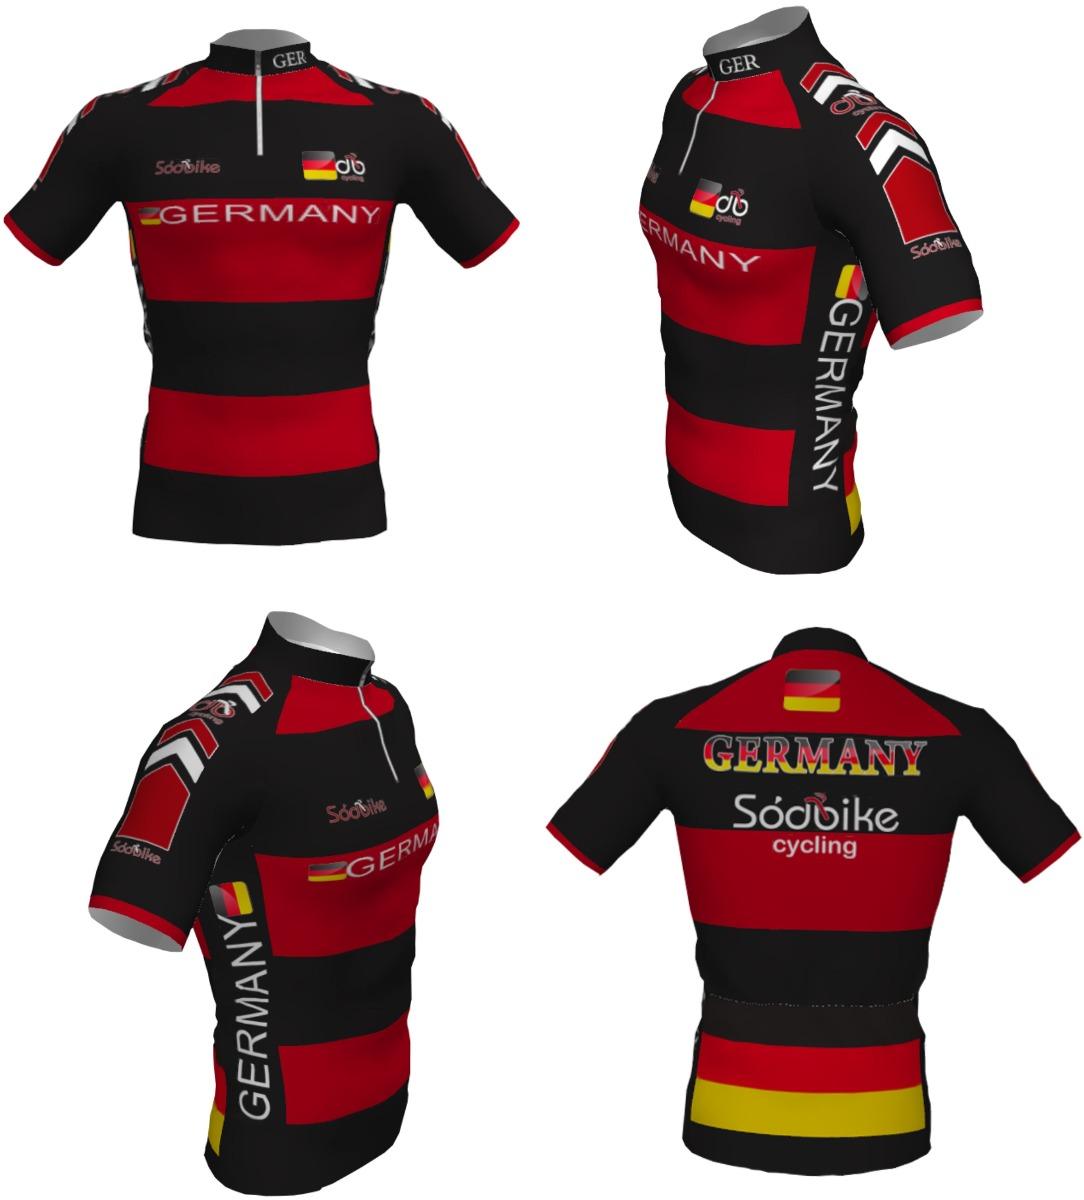 367de9a844 Camisa De Ciclismo Sódbike Alemanha Infantil - Bike - R  55